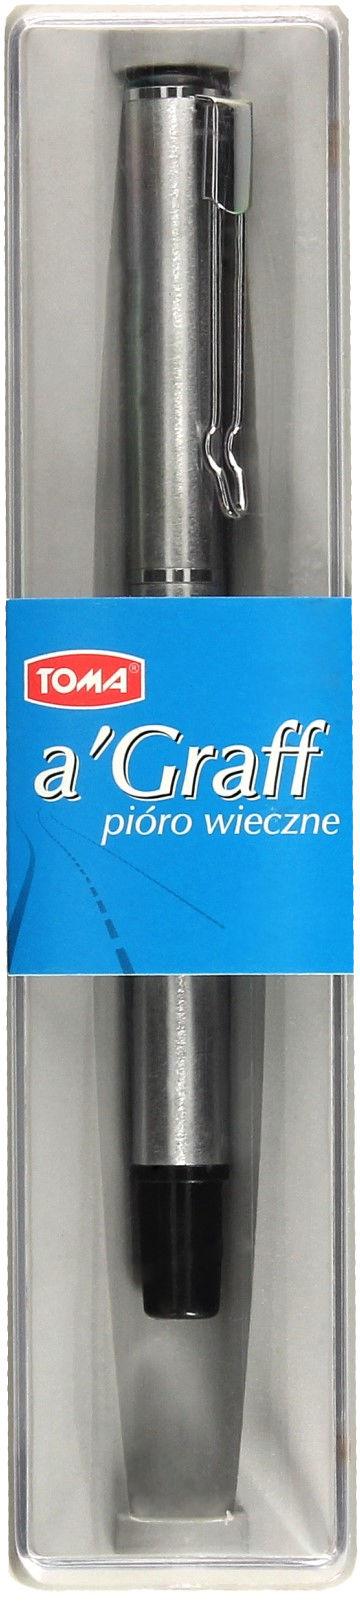 Pióro wieczne srebrne AGraff TOMA 825